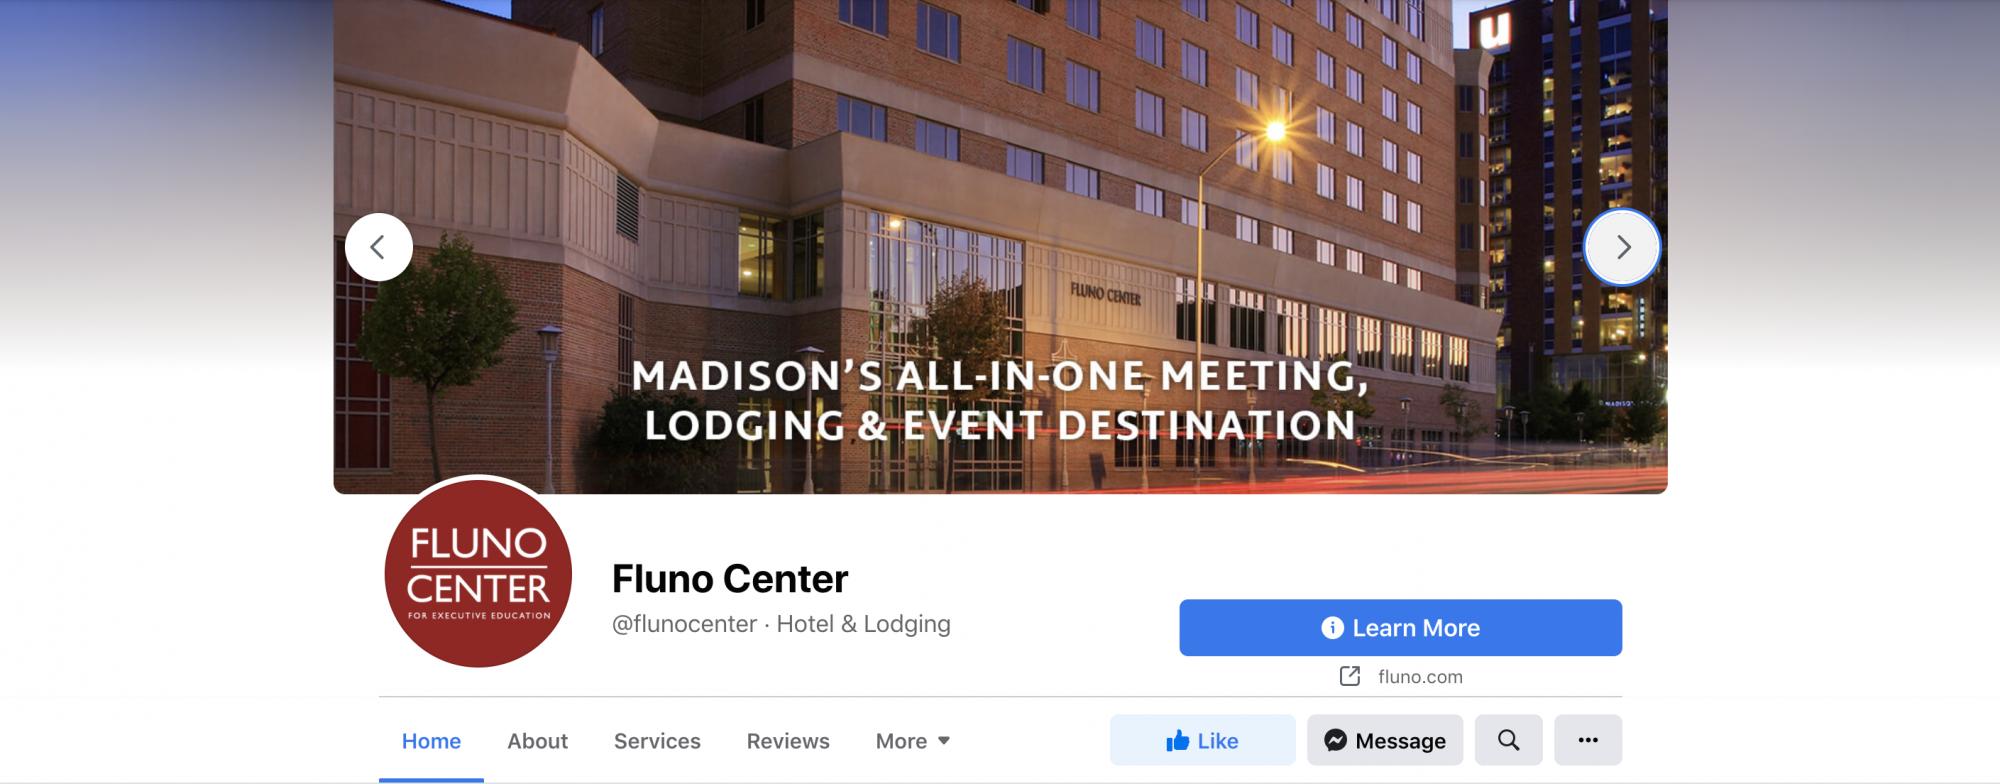 Fluno Center Facebook cover image 2